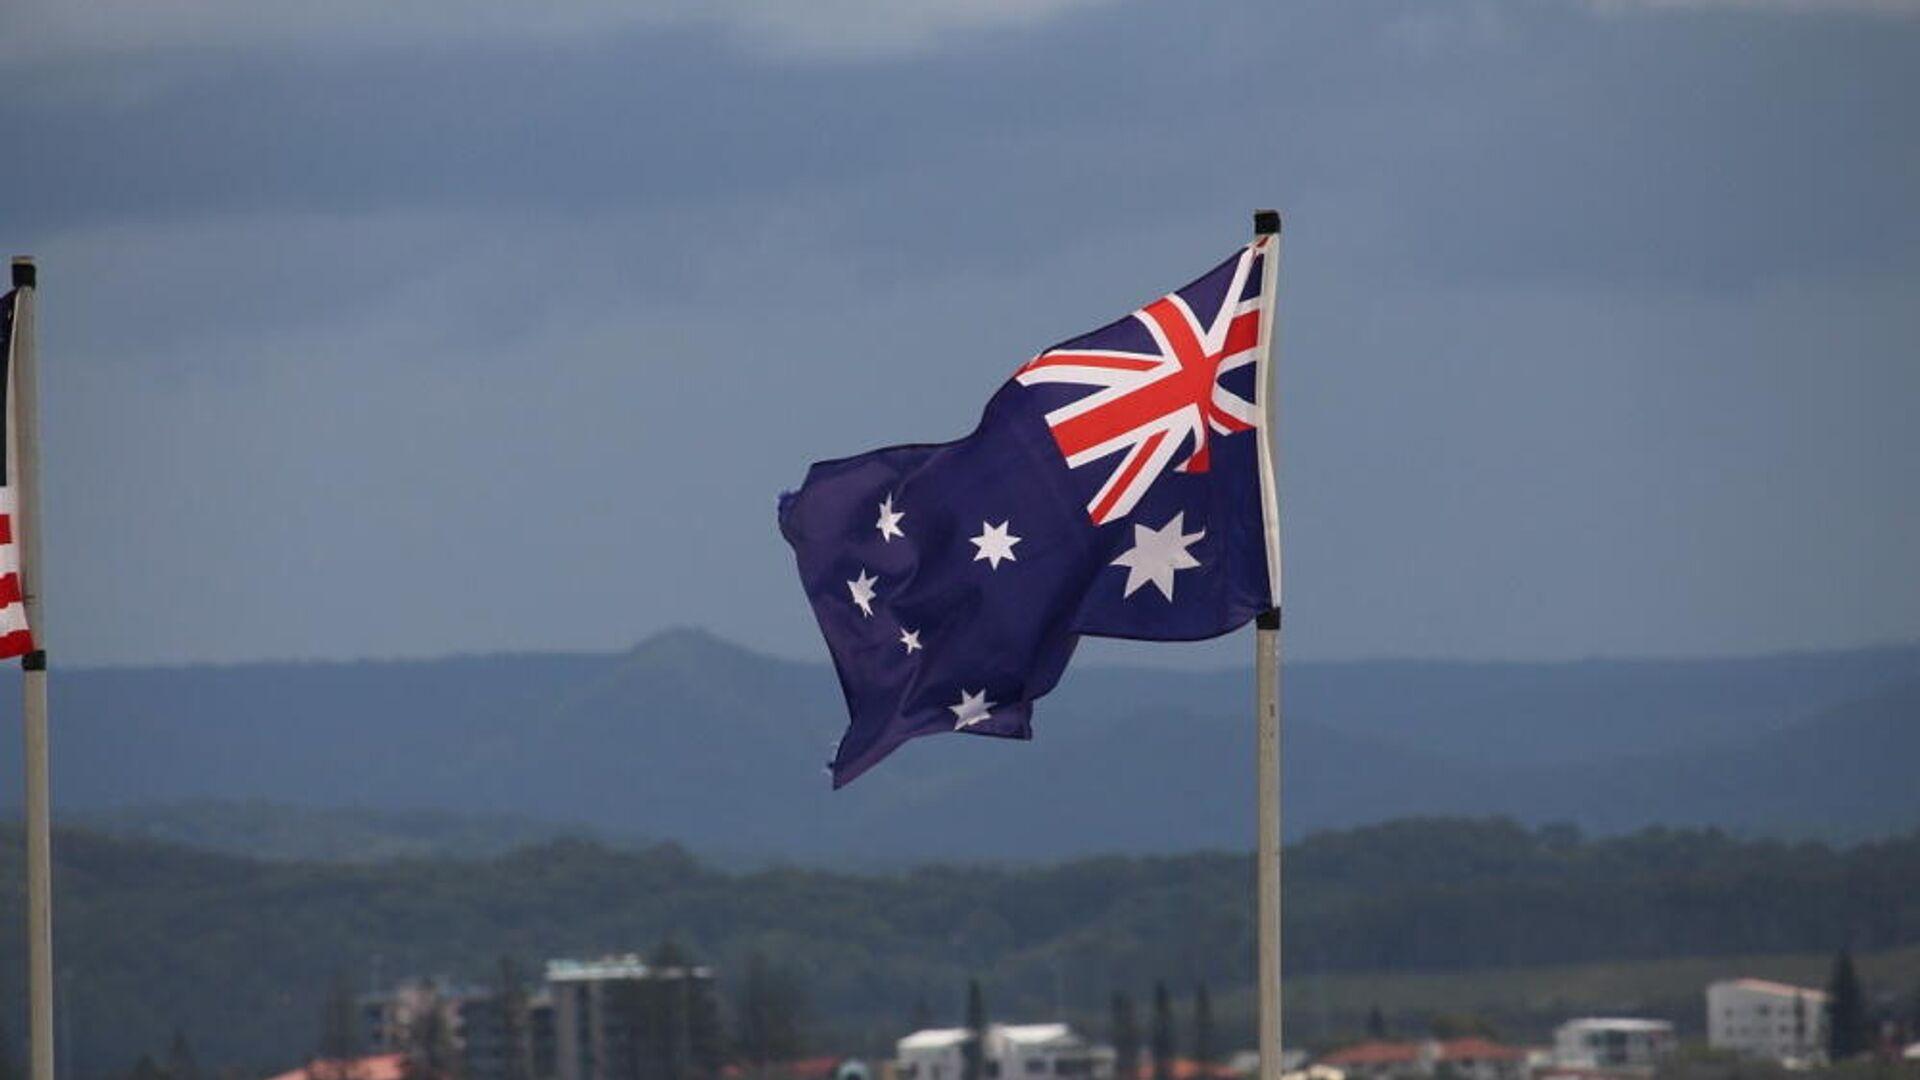 Η σημαία της Αυστραλίας - Sputnik Ελλάδα, 1920, 19.09.2021